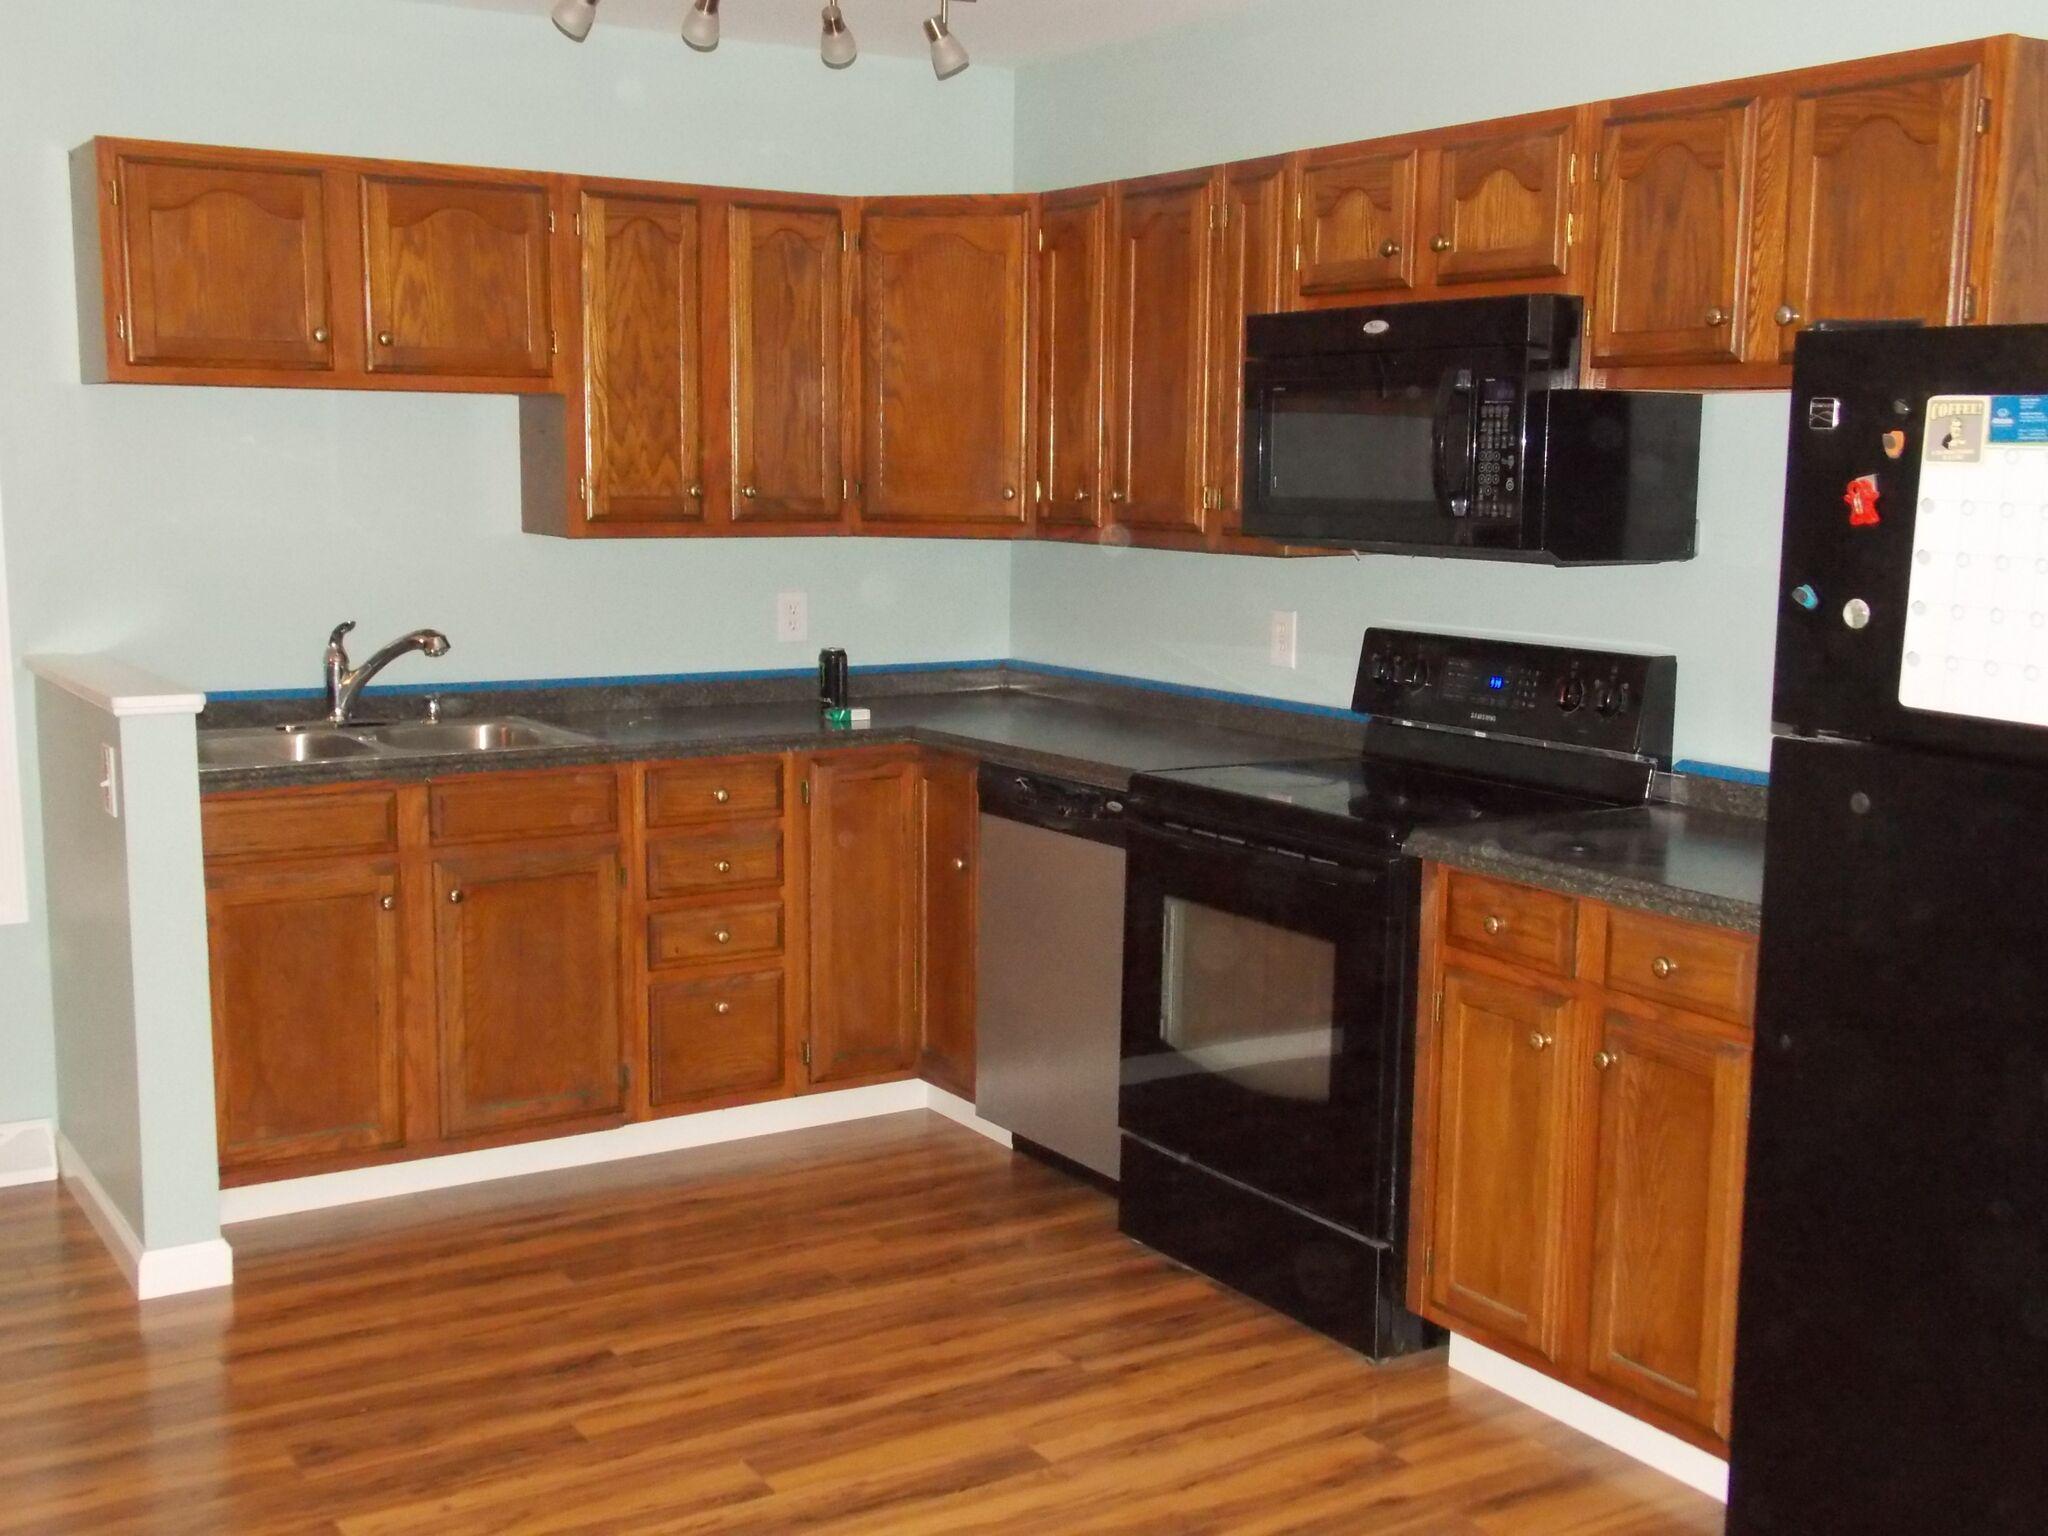 loucks gf kitchen2.jpg